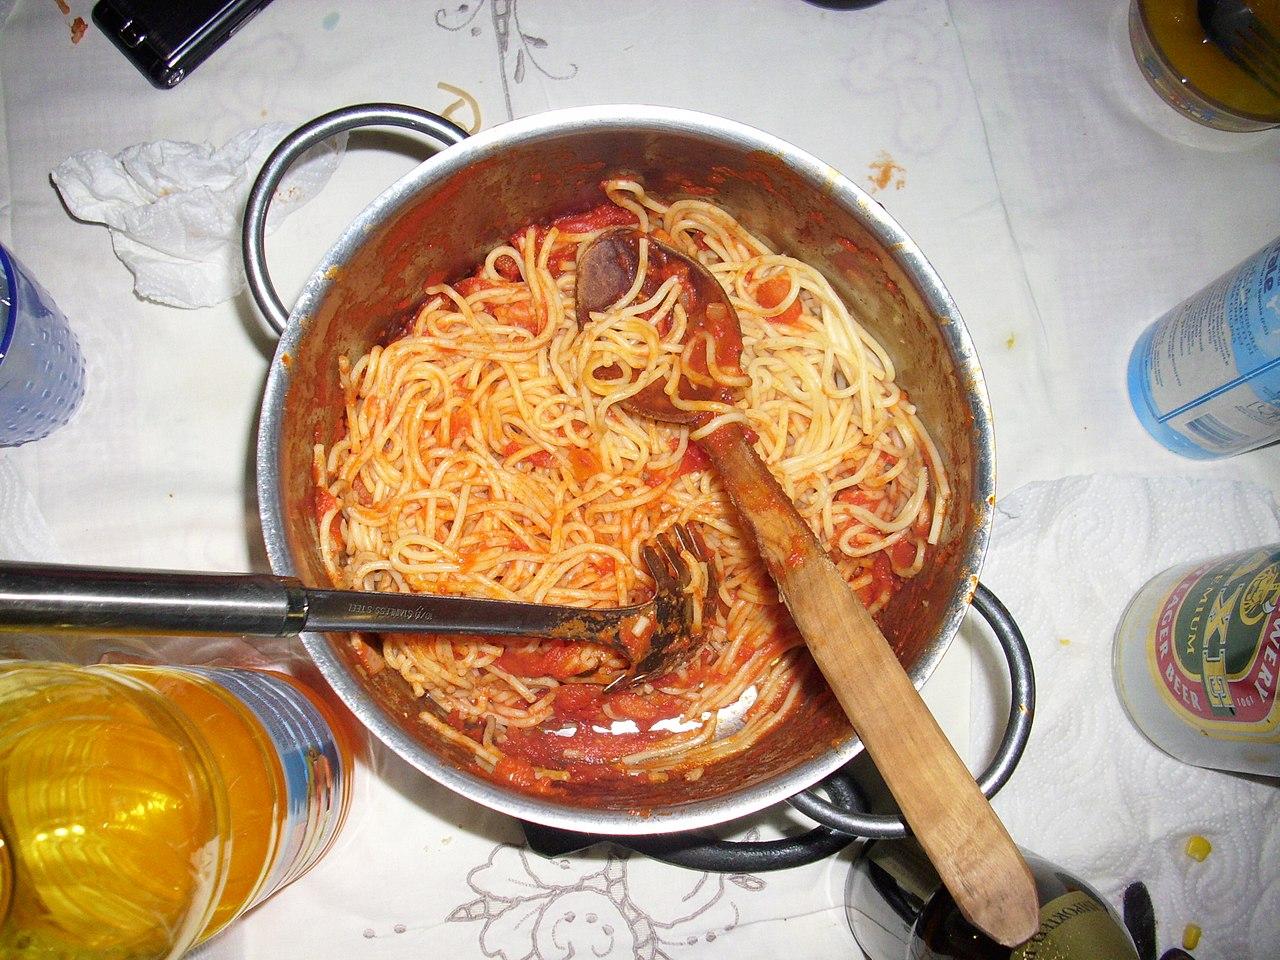 File:Pasta al Pomodoro 01.jpg - Wikimedia Commons